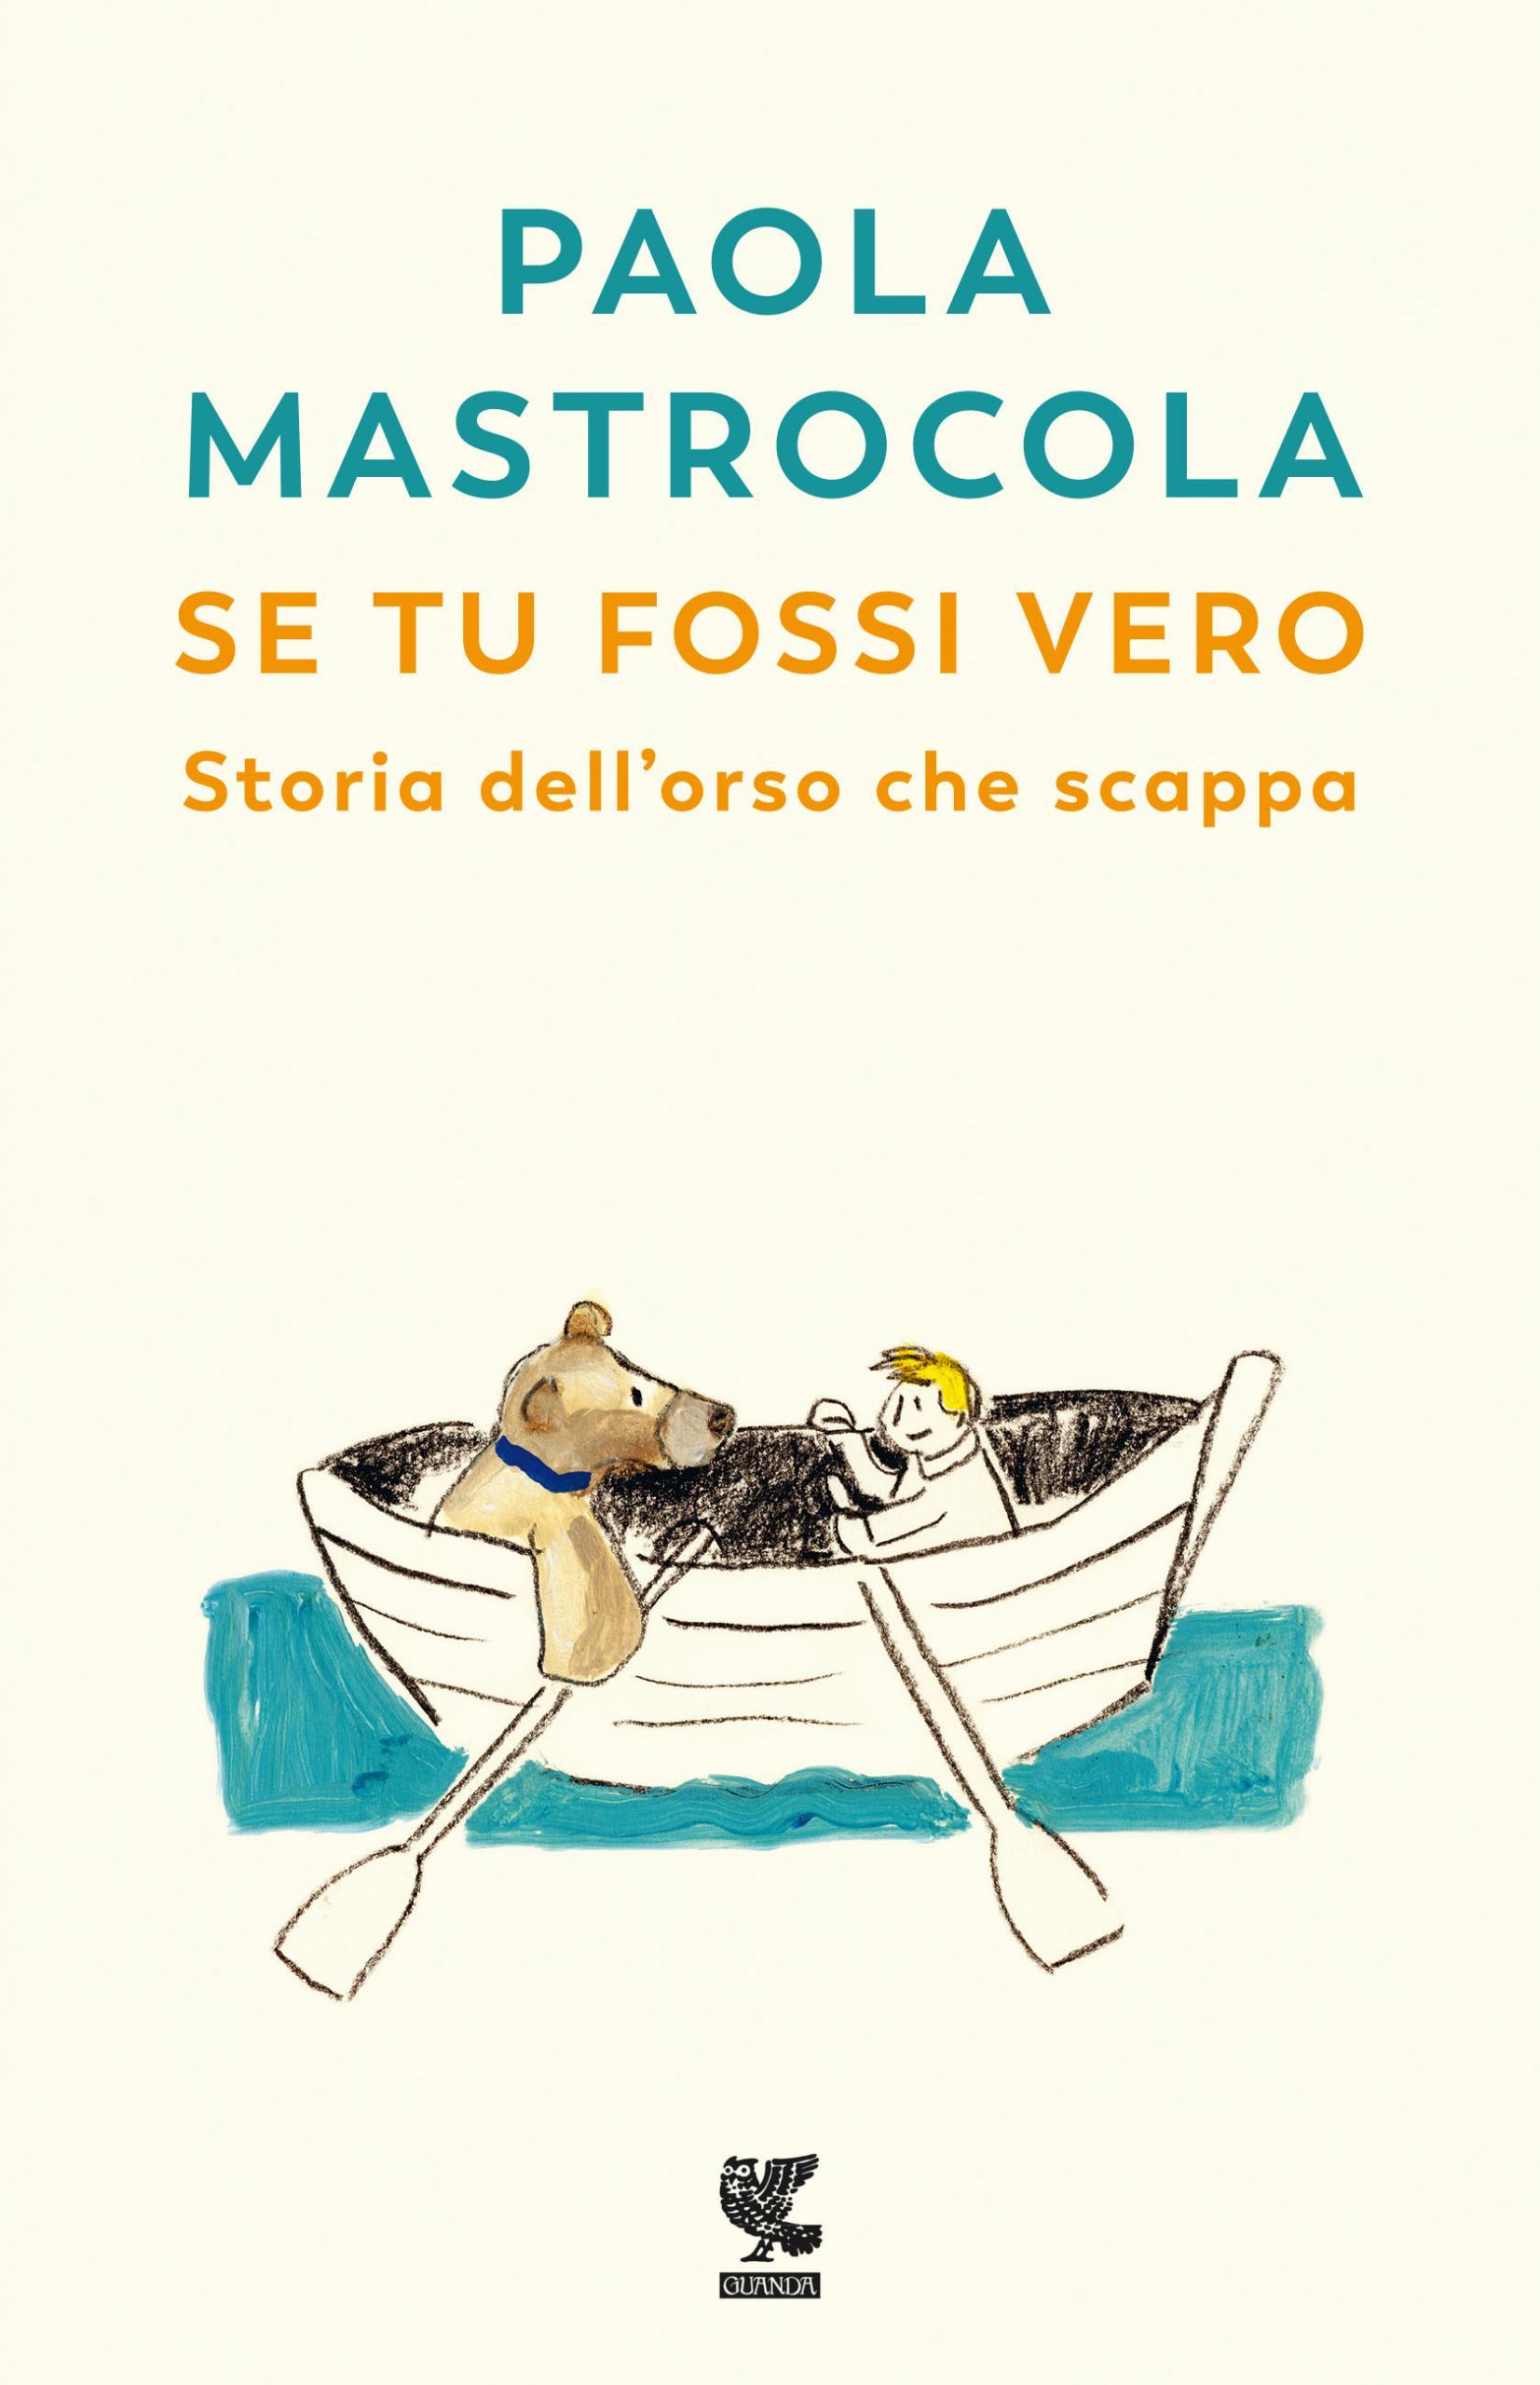 Se tu fossi vero, Mastrocola, libri per bambini 2021